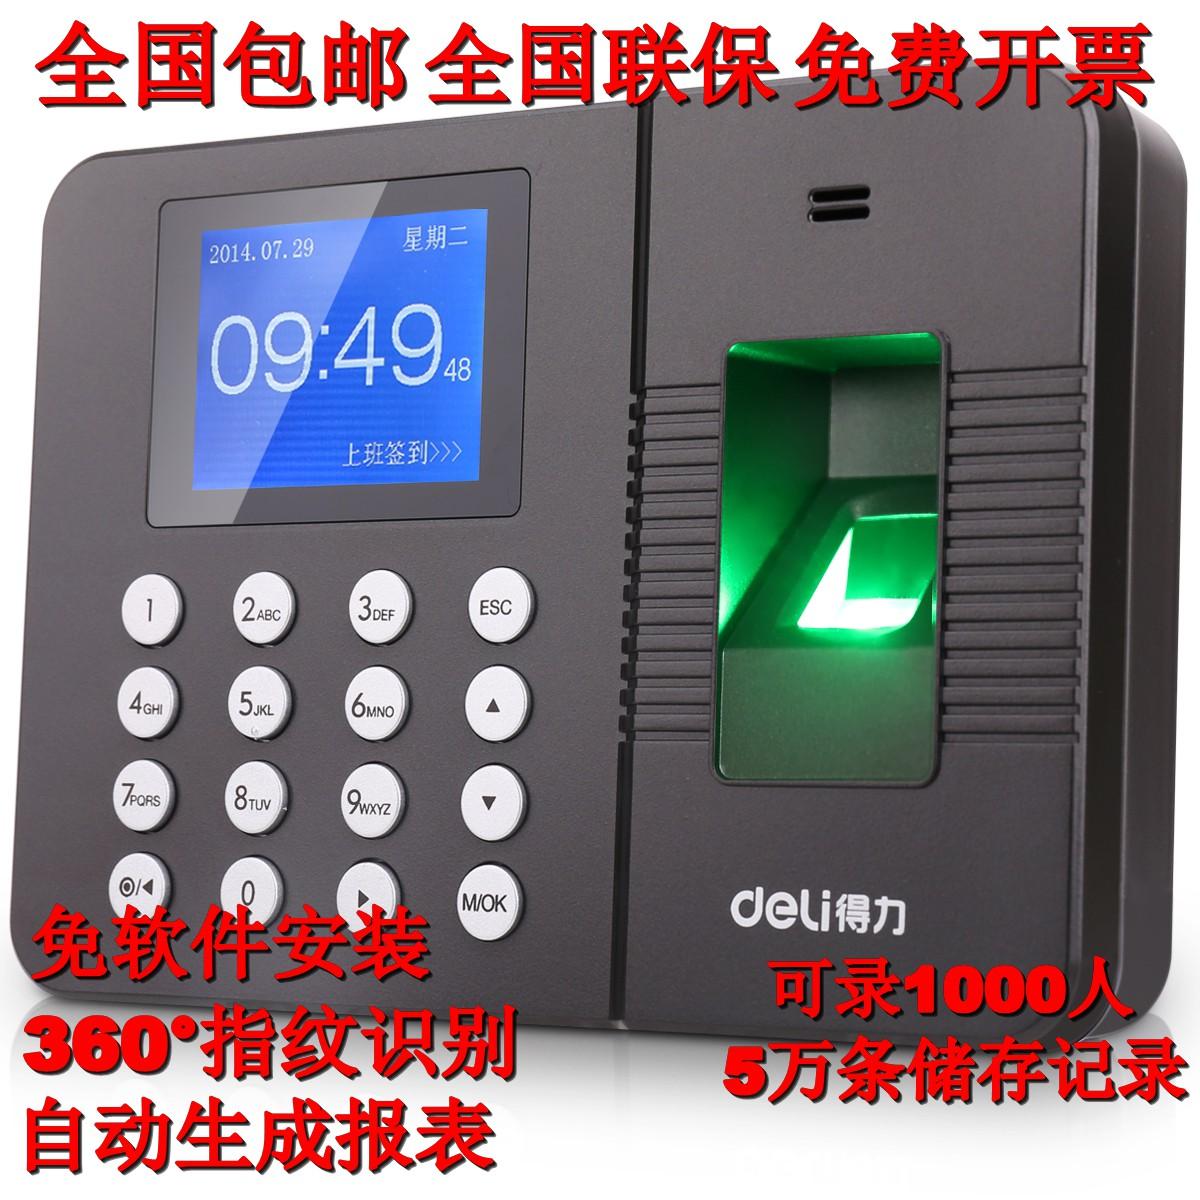 Полностью страна бесплатная доставка по китаю Эффективное 3960 относится к принт Тип перфоратор цвет Подпись сотрудника отпечатка пальца в большой емкости